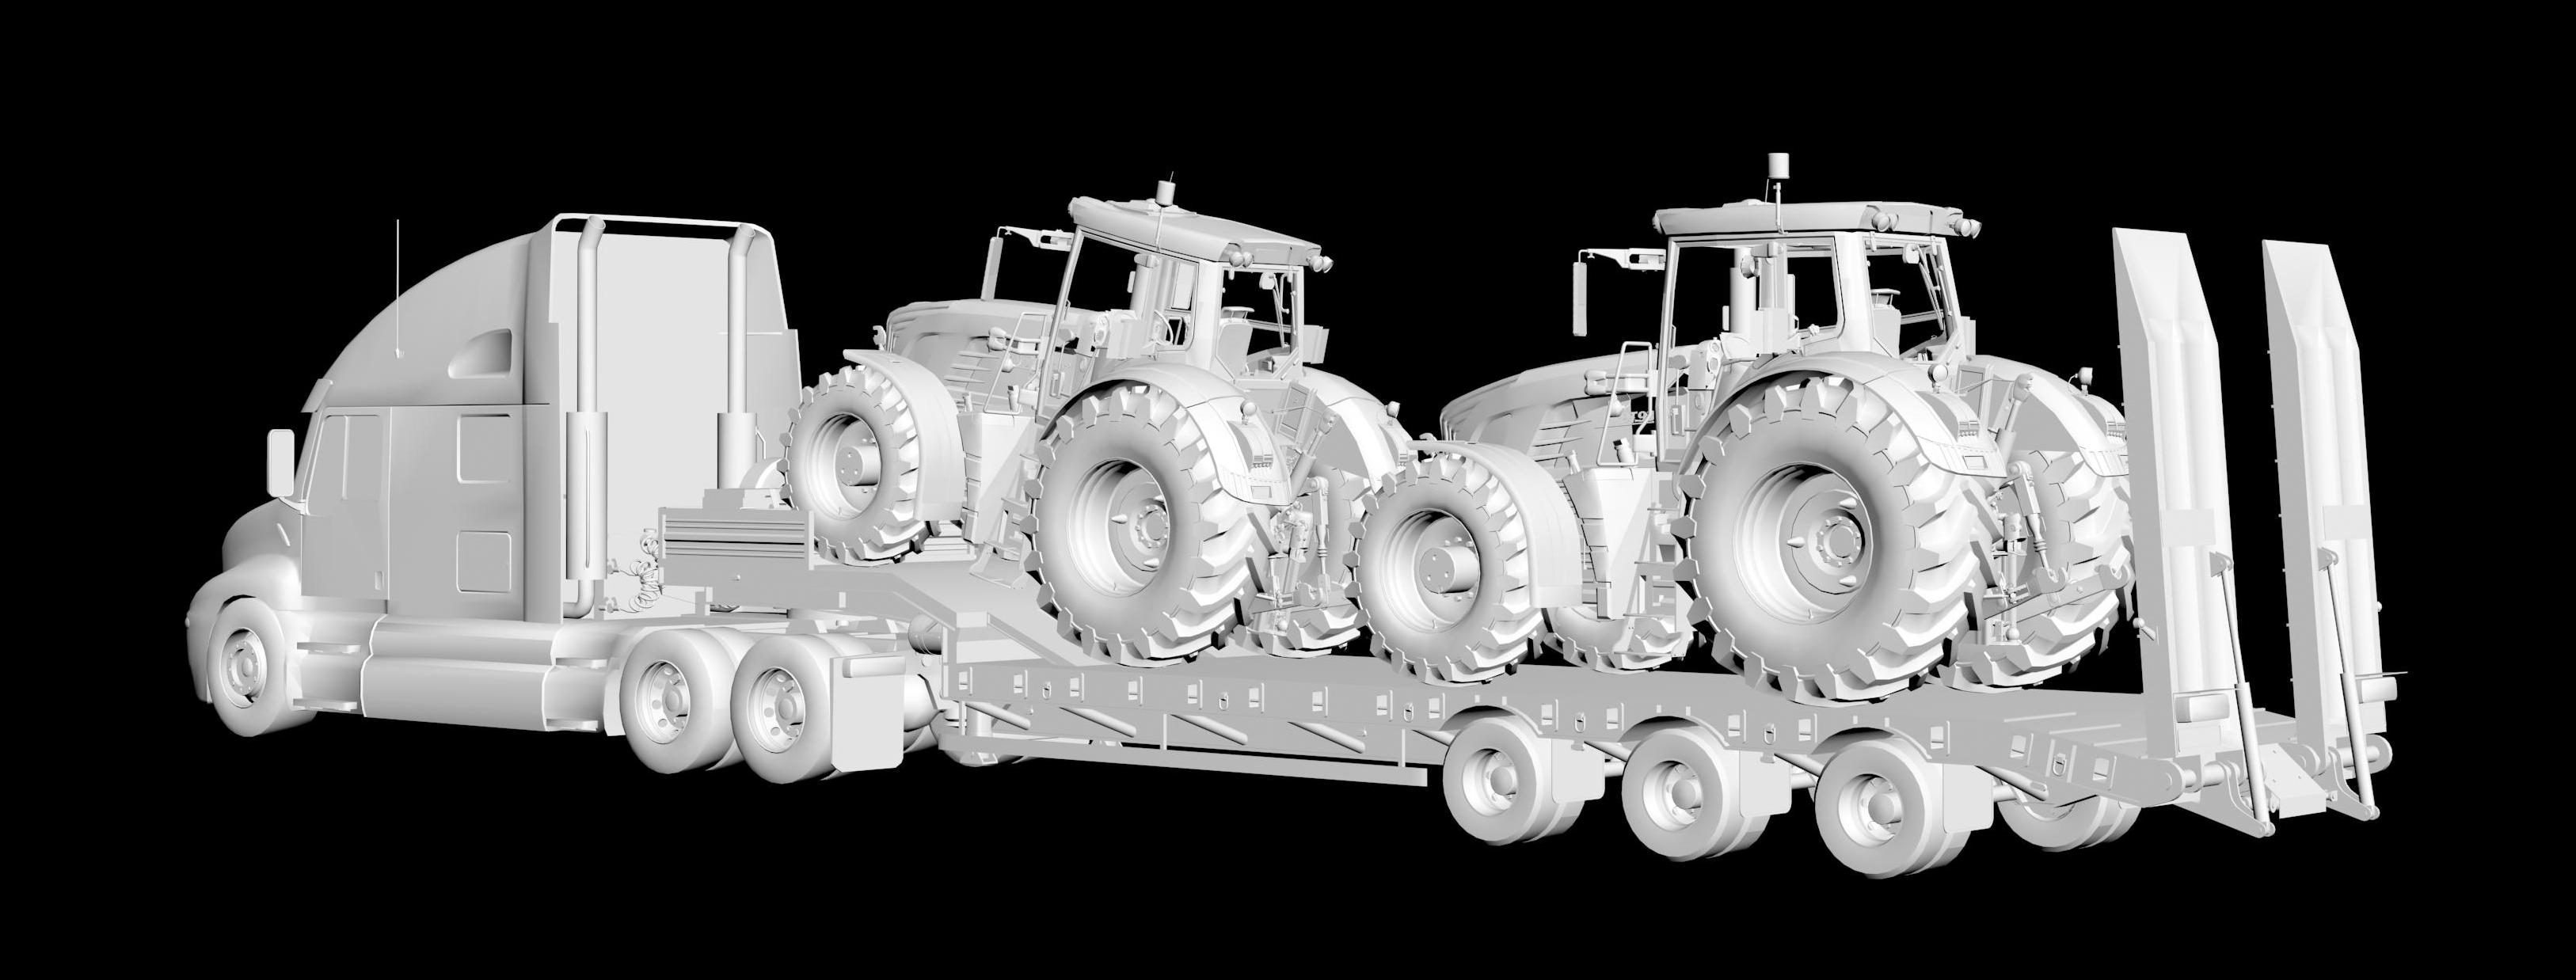 [Encuesta][T.E.P.] Proyecto Aguas Tenias (22 modelos + 1 Camión) [Terminado 21-4-2014]. - Página 5 55v4s7q